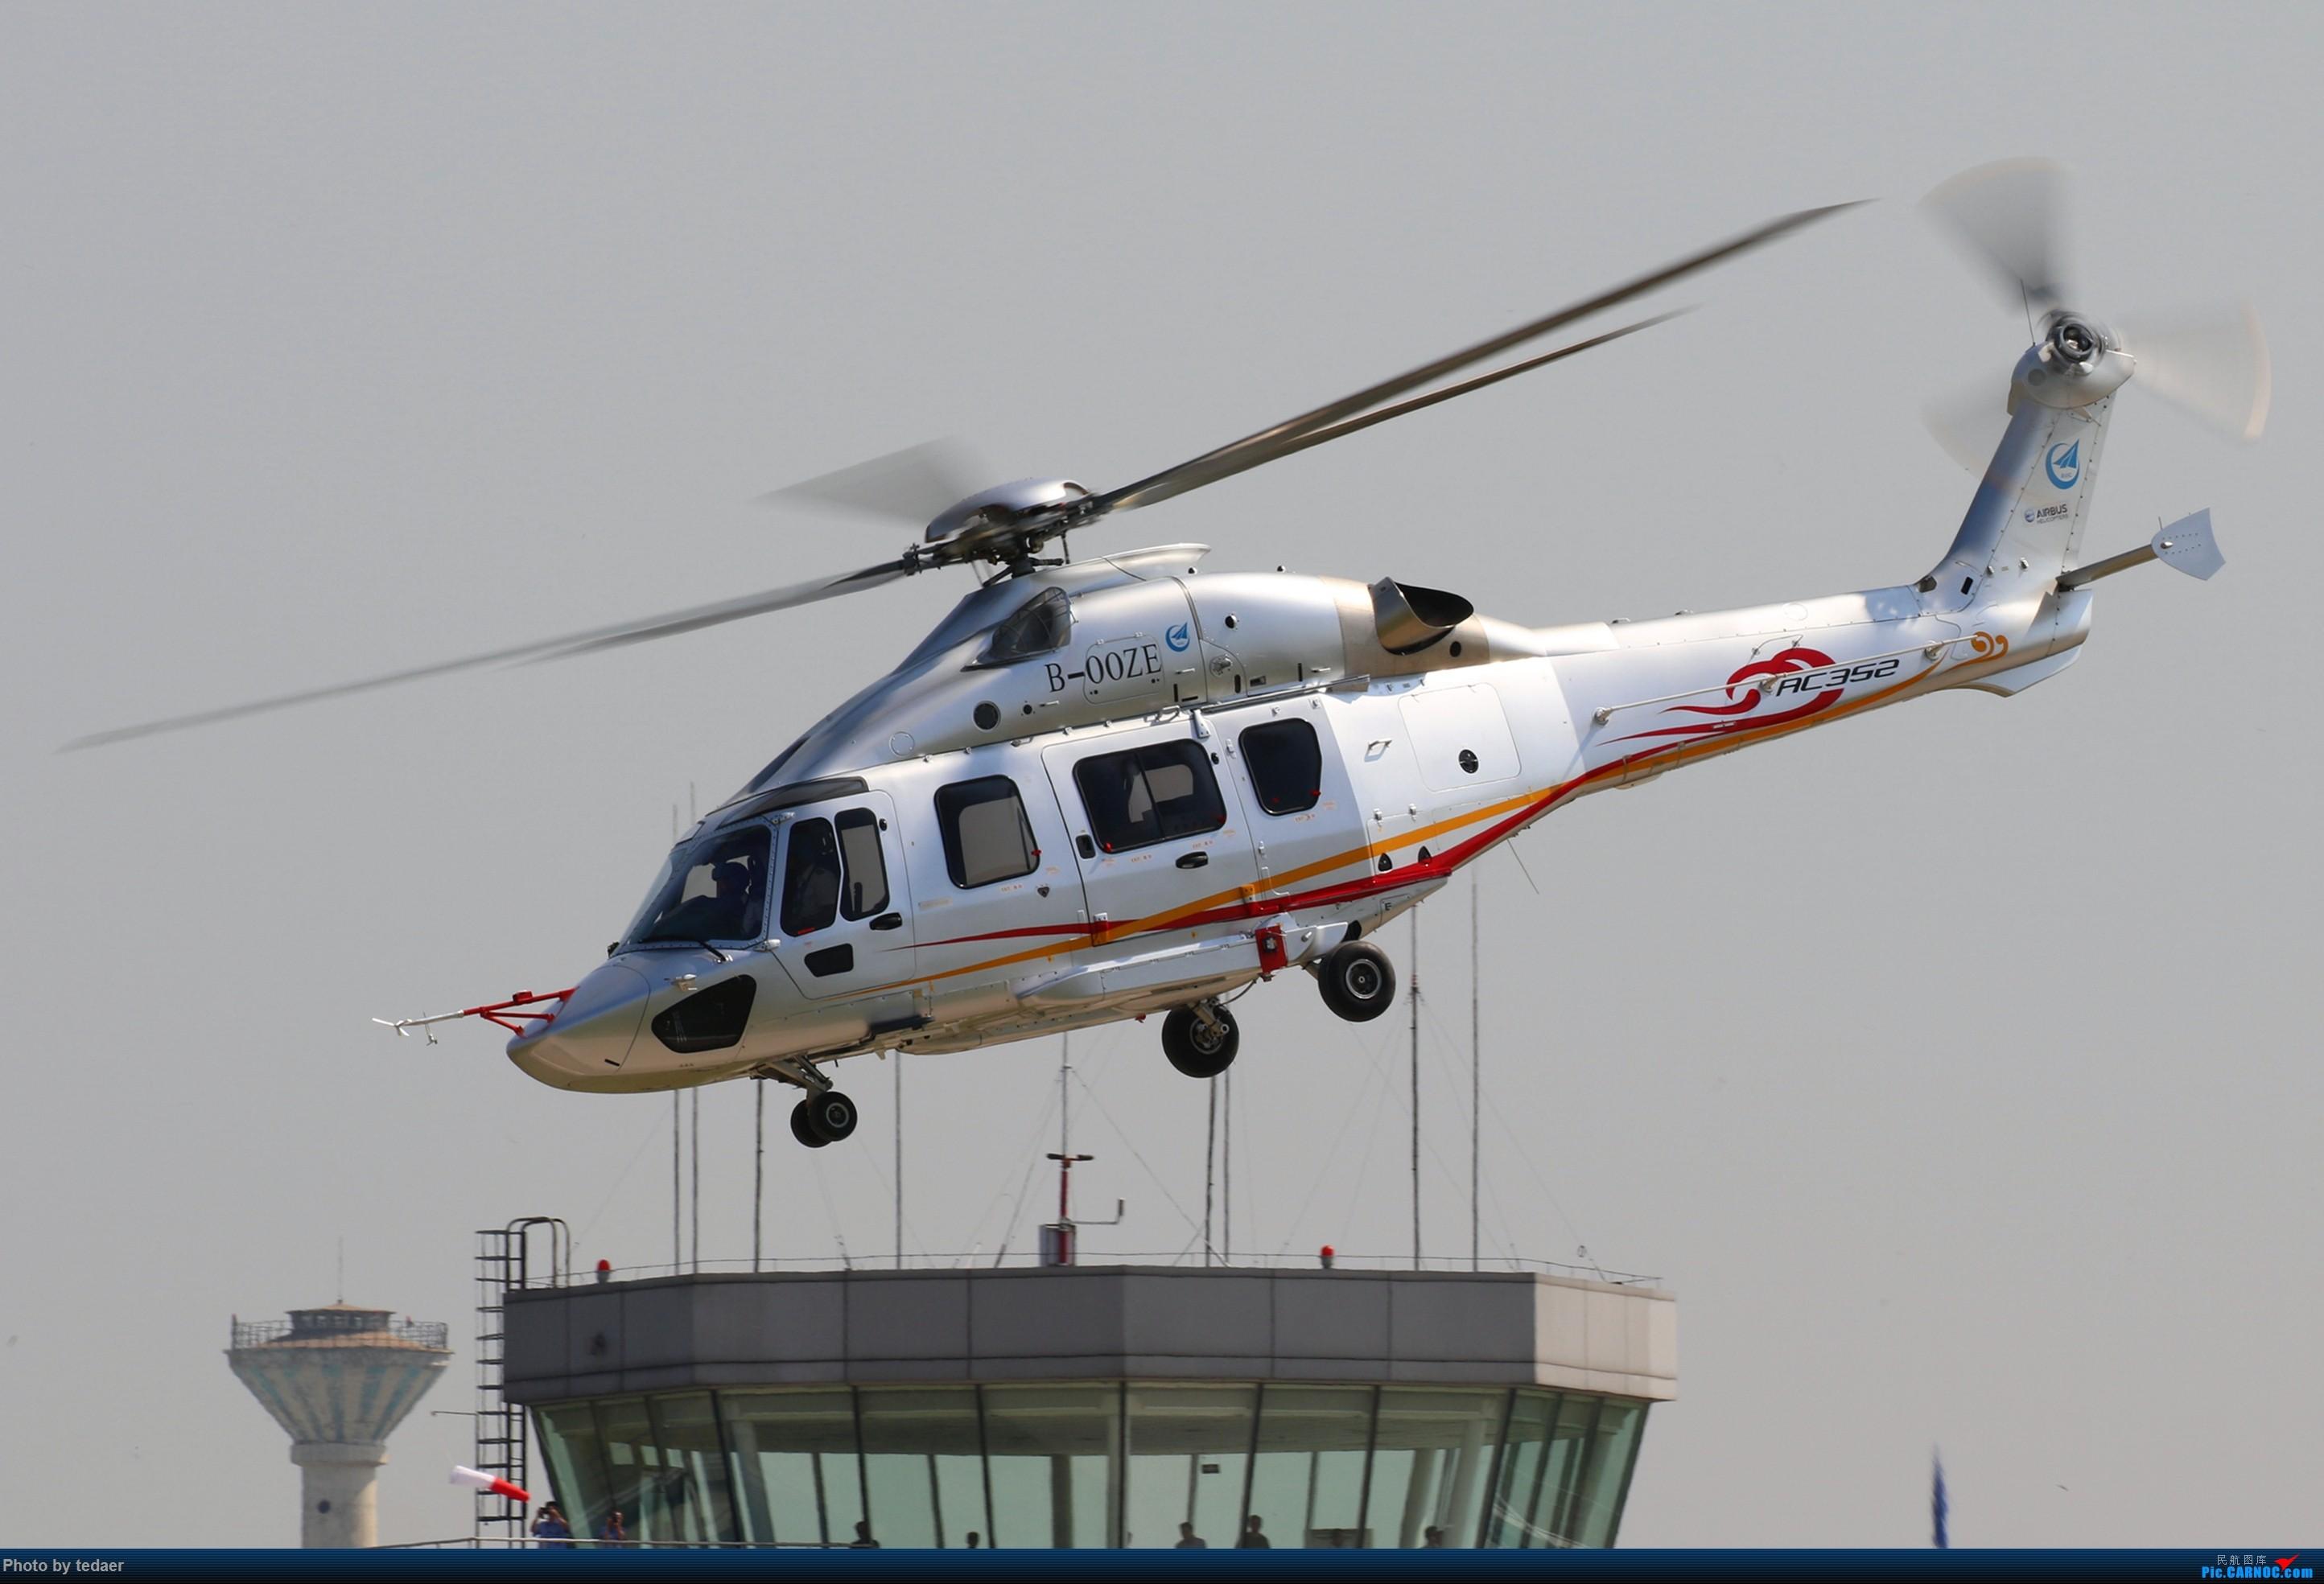 未来科幻武装直升机